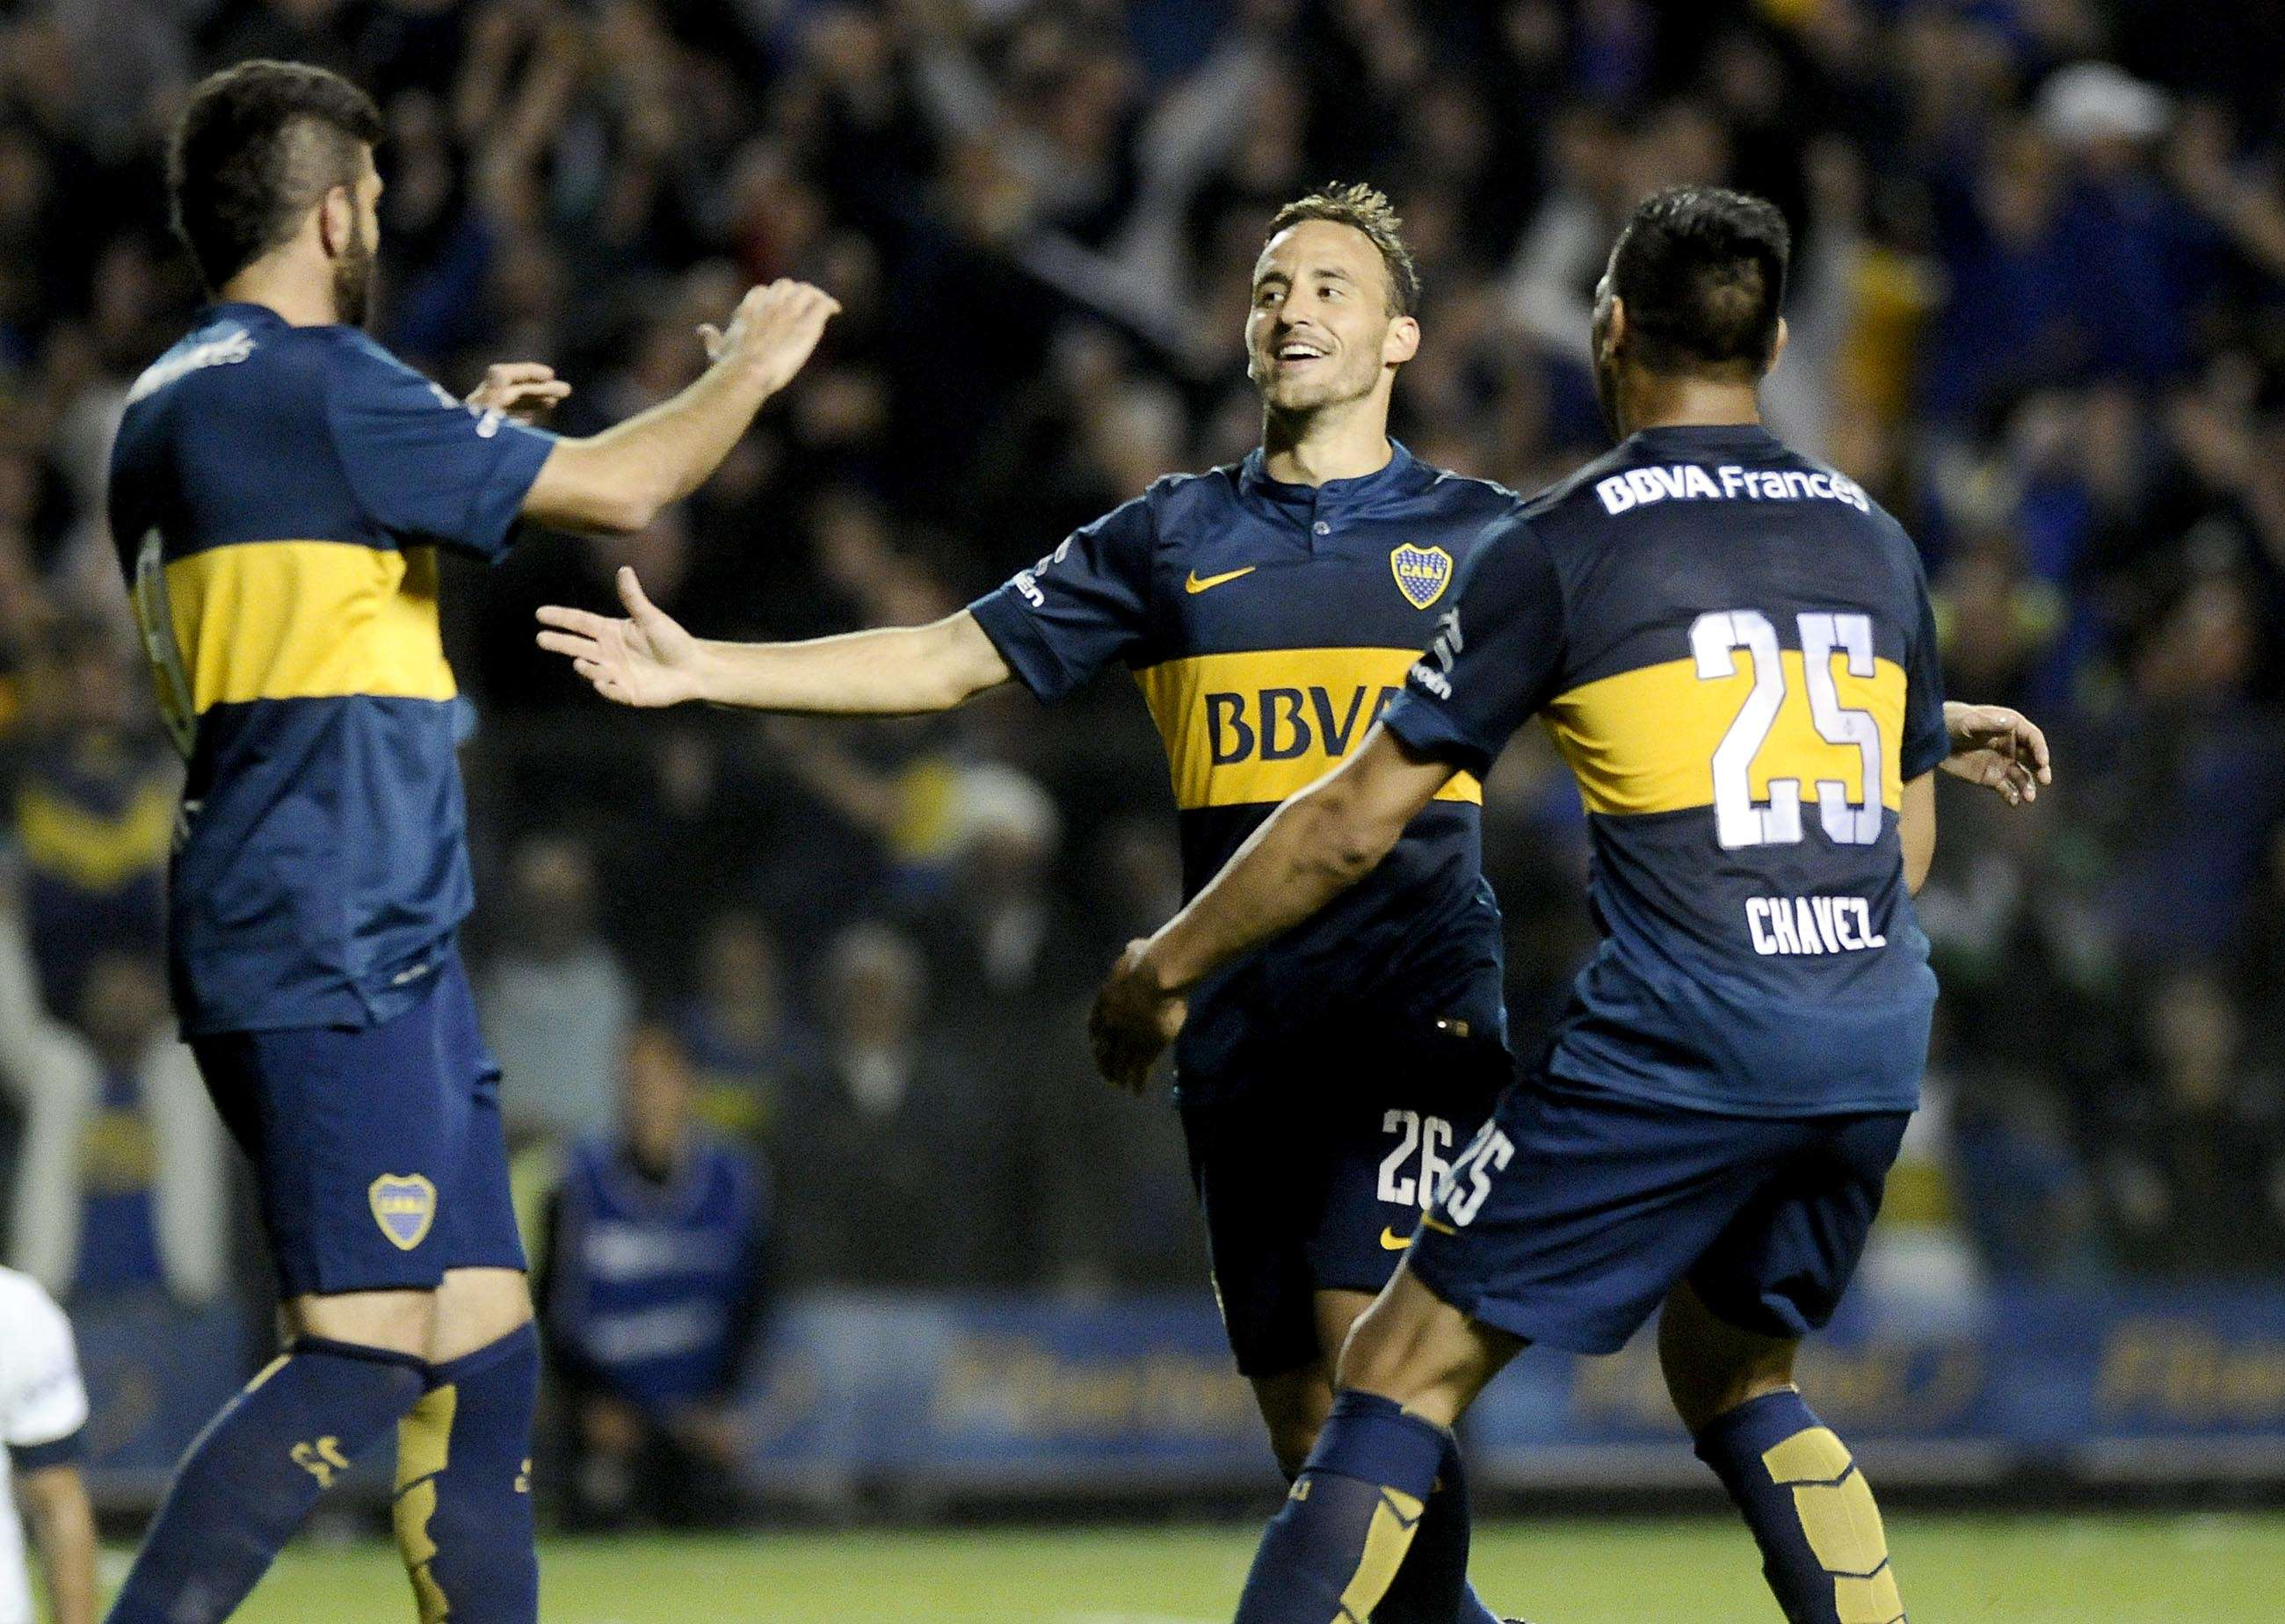 Con buen juego, presión y poder de gol, Boca se metió en los octavos de final de la Copa Sudamericana, tras superar este jueves por 3 a 0 a Rosario Central en un partido disputado en la Bombonera, por la segunda fase. Chávez, dos veces, y el chileno Fuenzalida marcaron los tantos xeneizes. Foto: Agencias